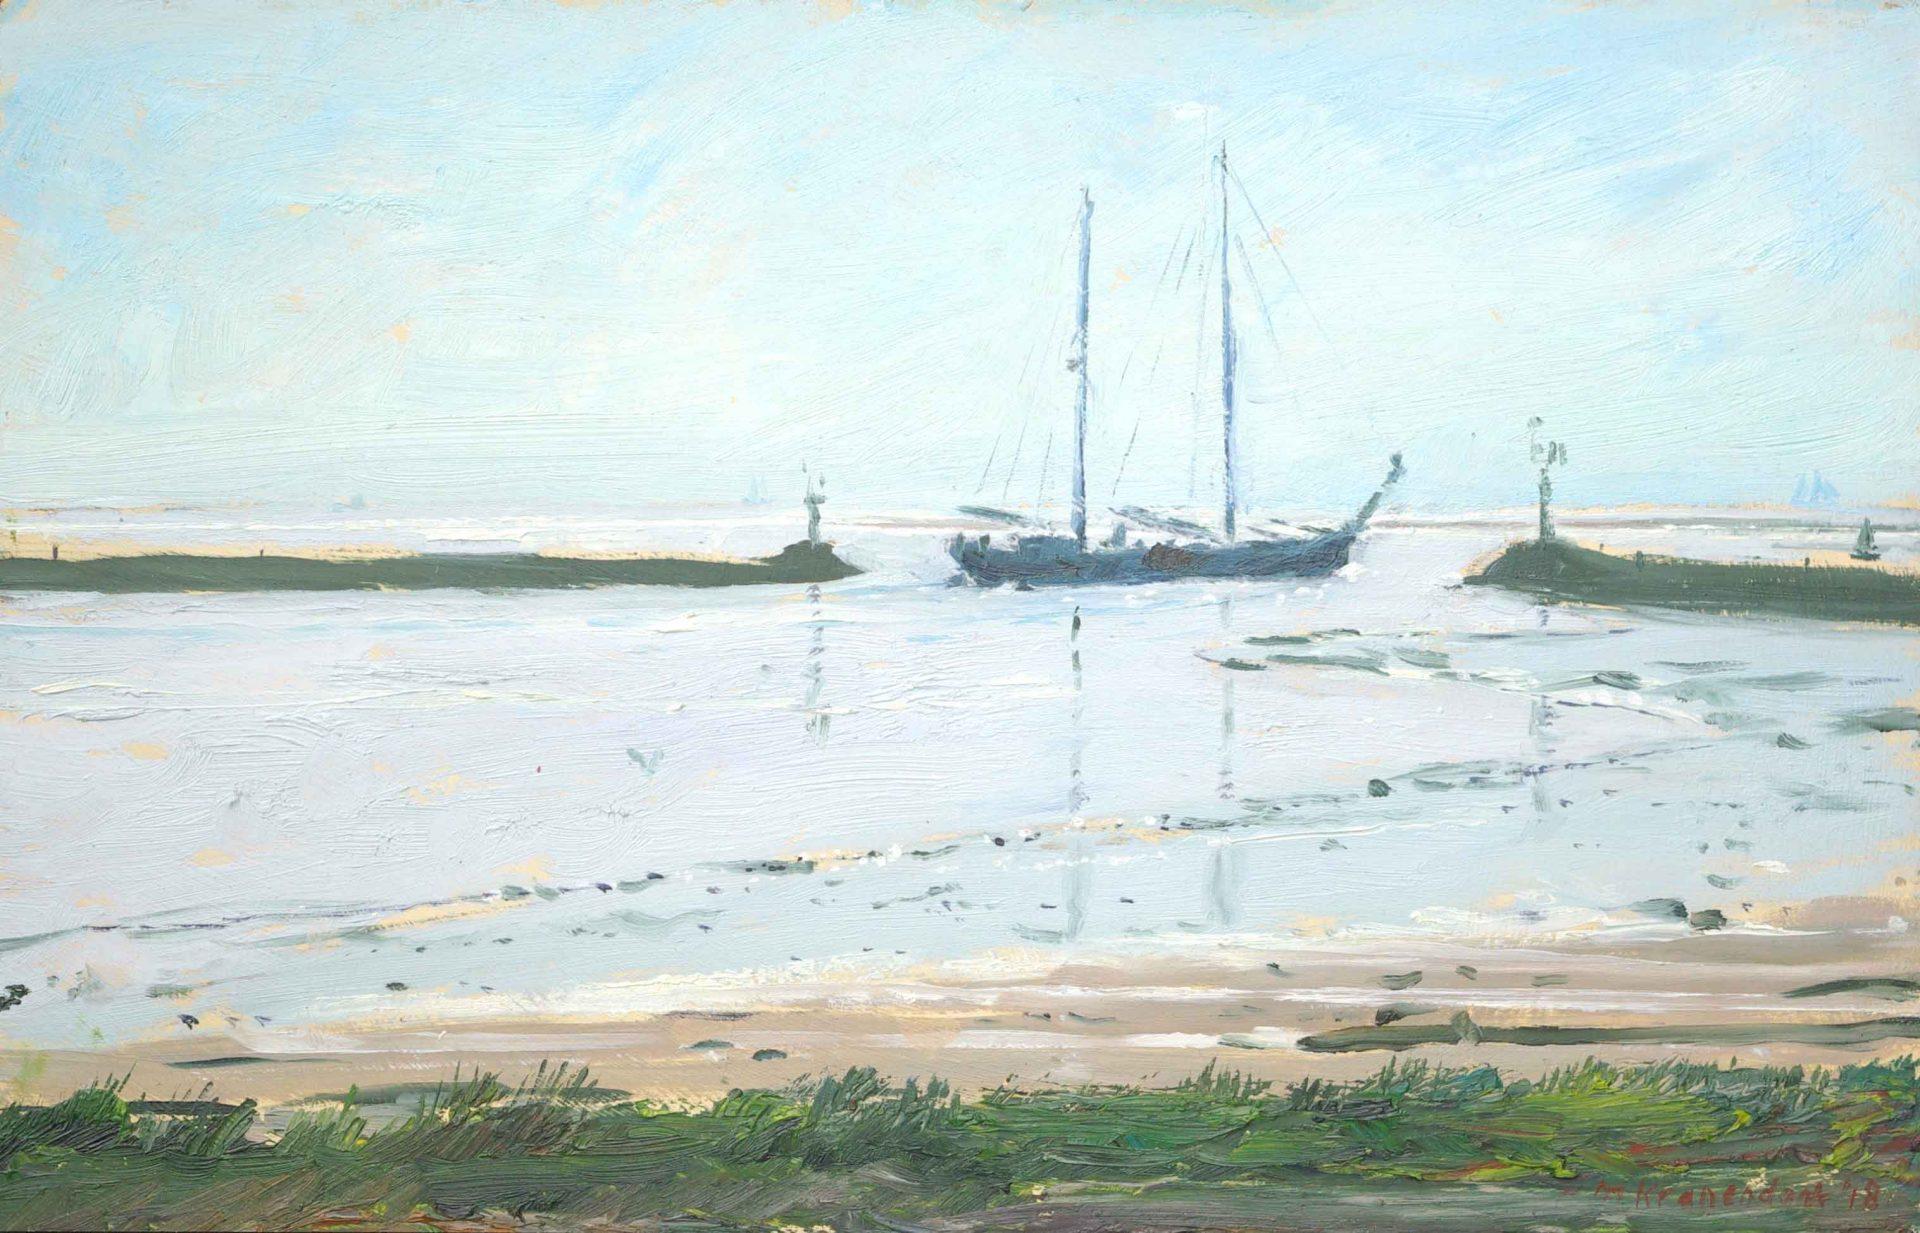 Olieverf schilderij zeilschip, tweemaster die haven Terschelling uitvaart realisme wadden